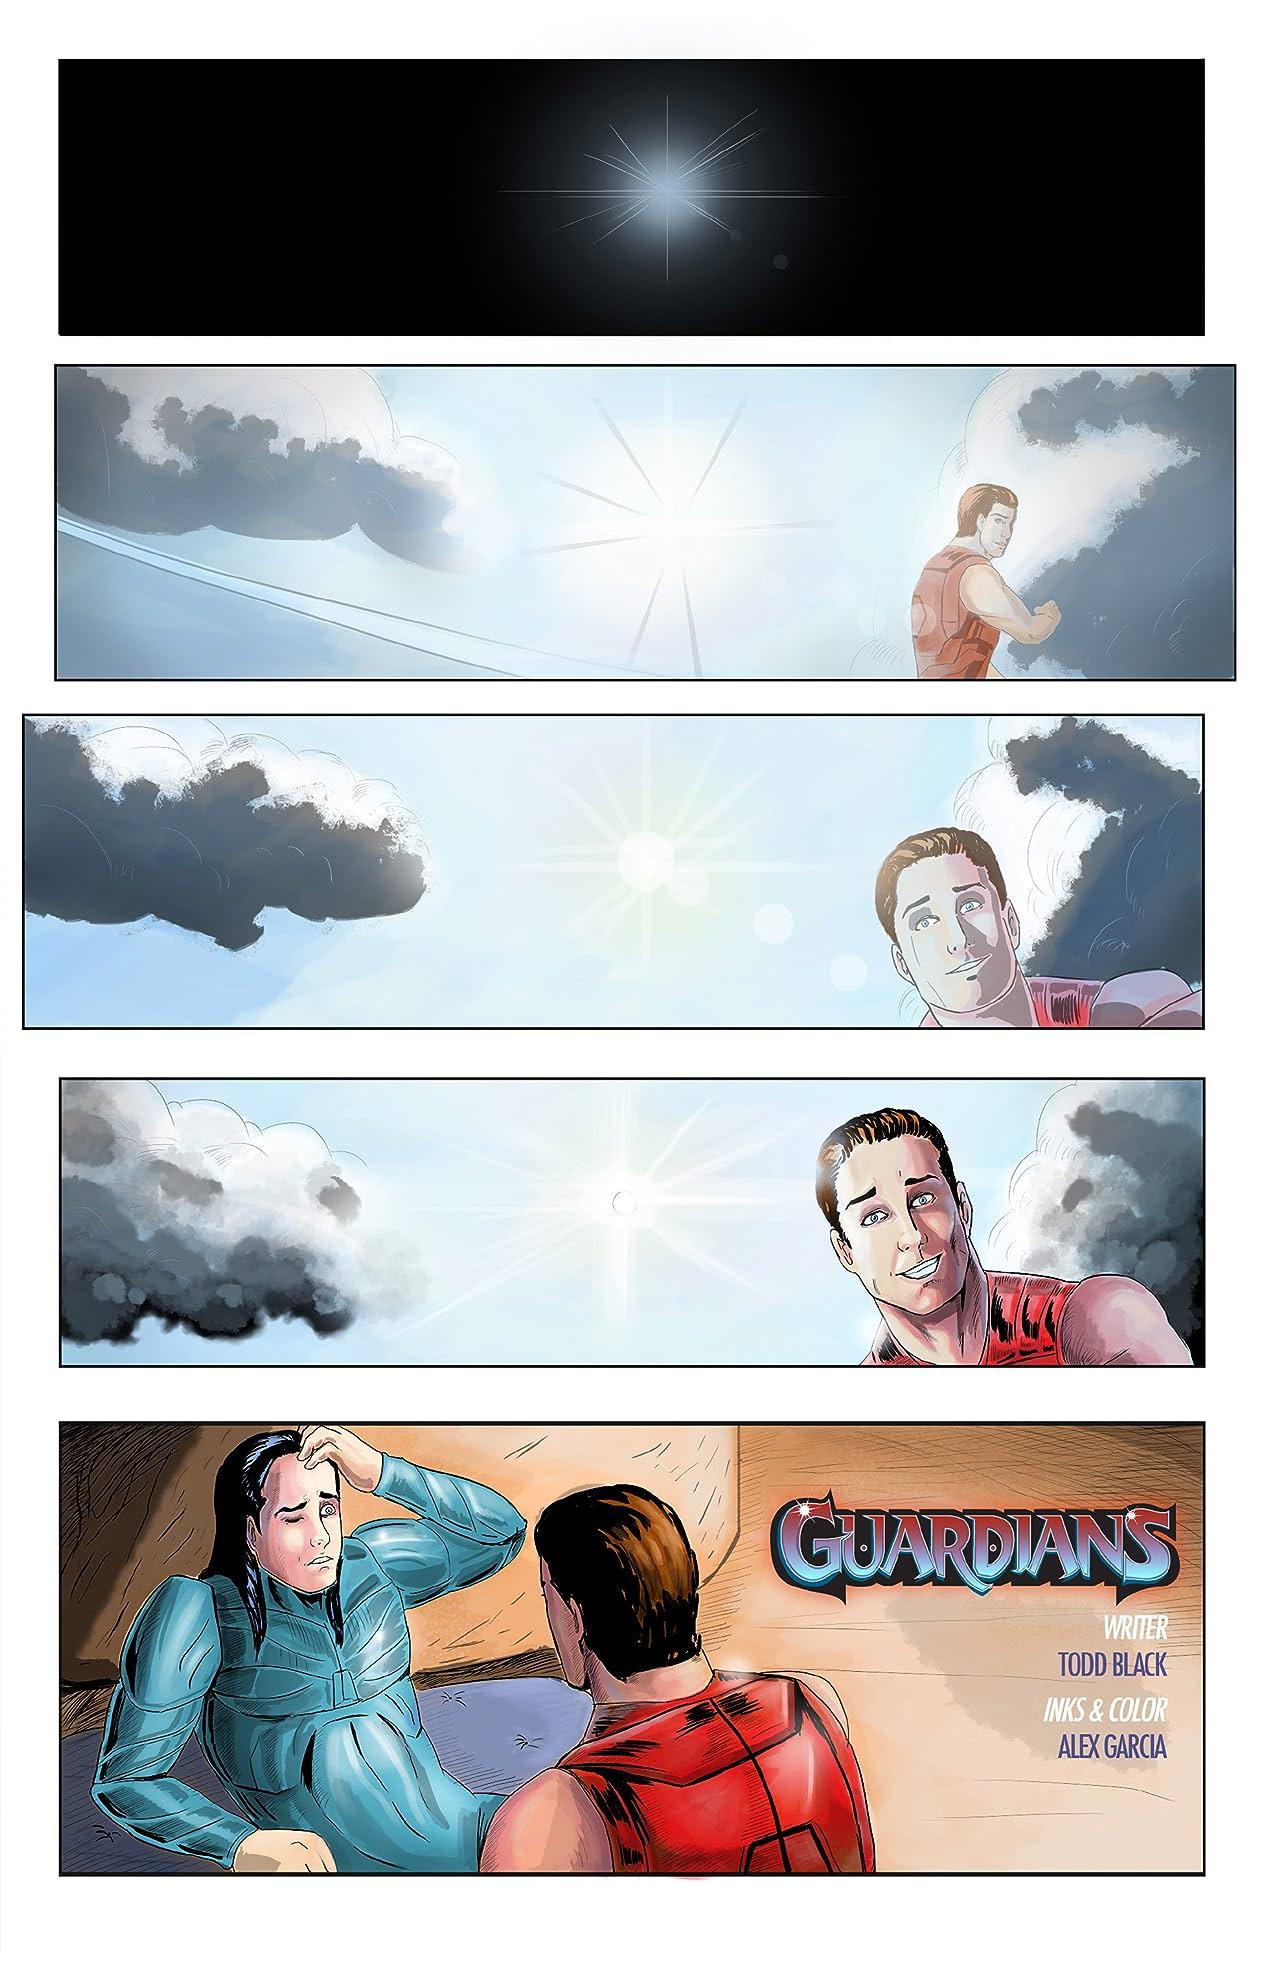 Guardians #2